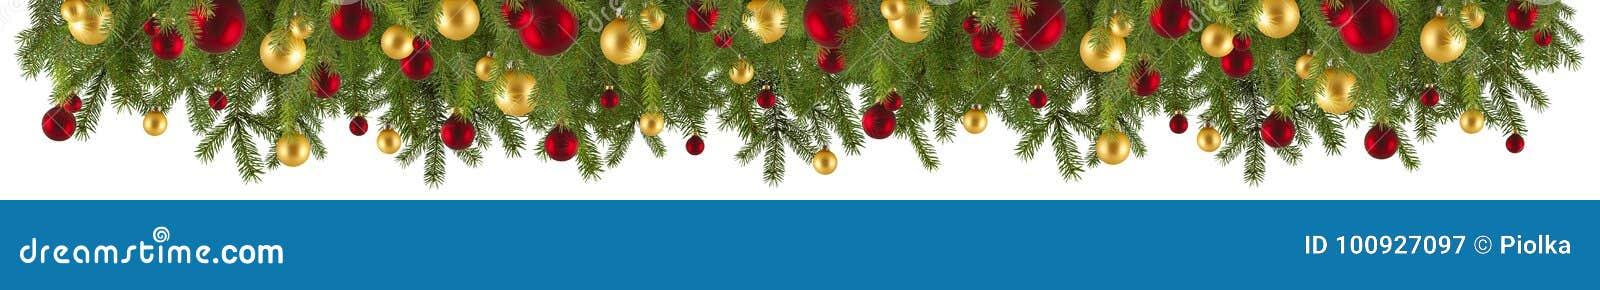 Guirnalda de la Navidad con los ornamentos y las ramas del abeto